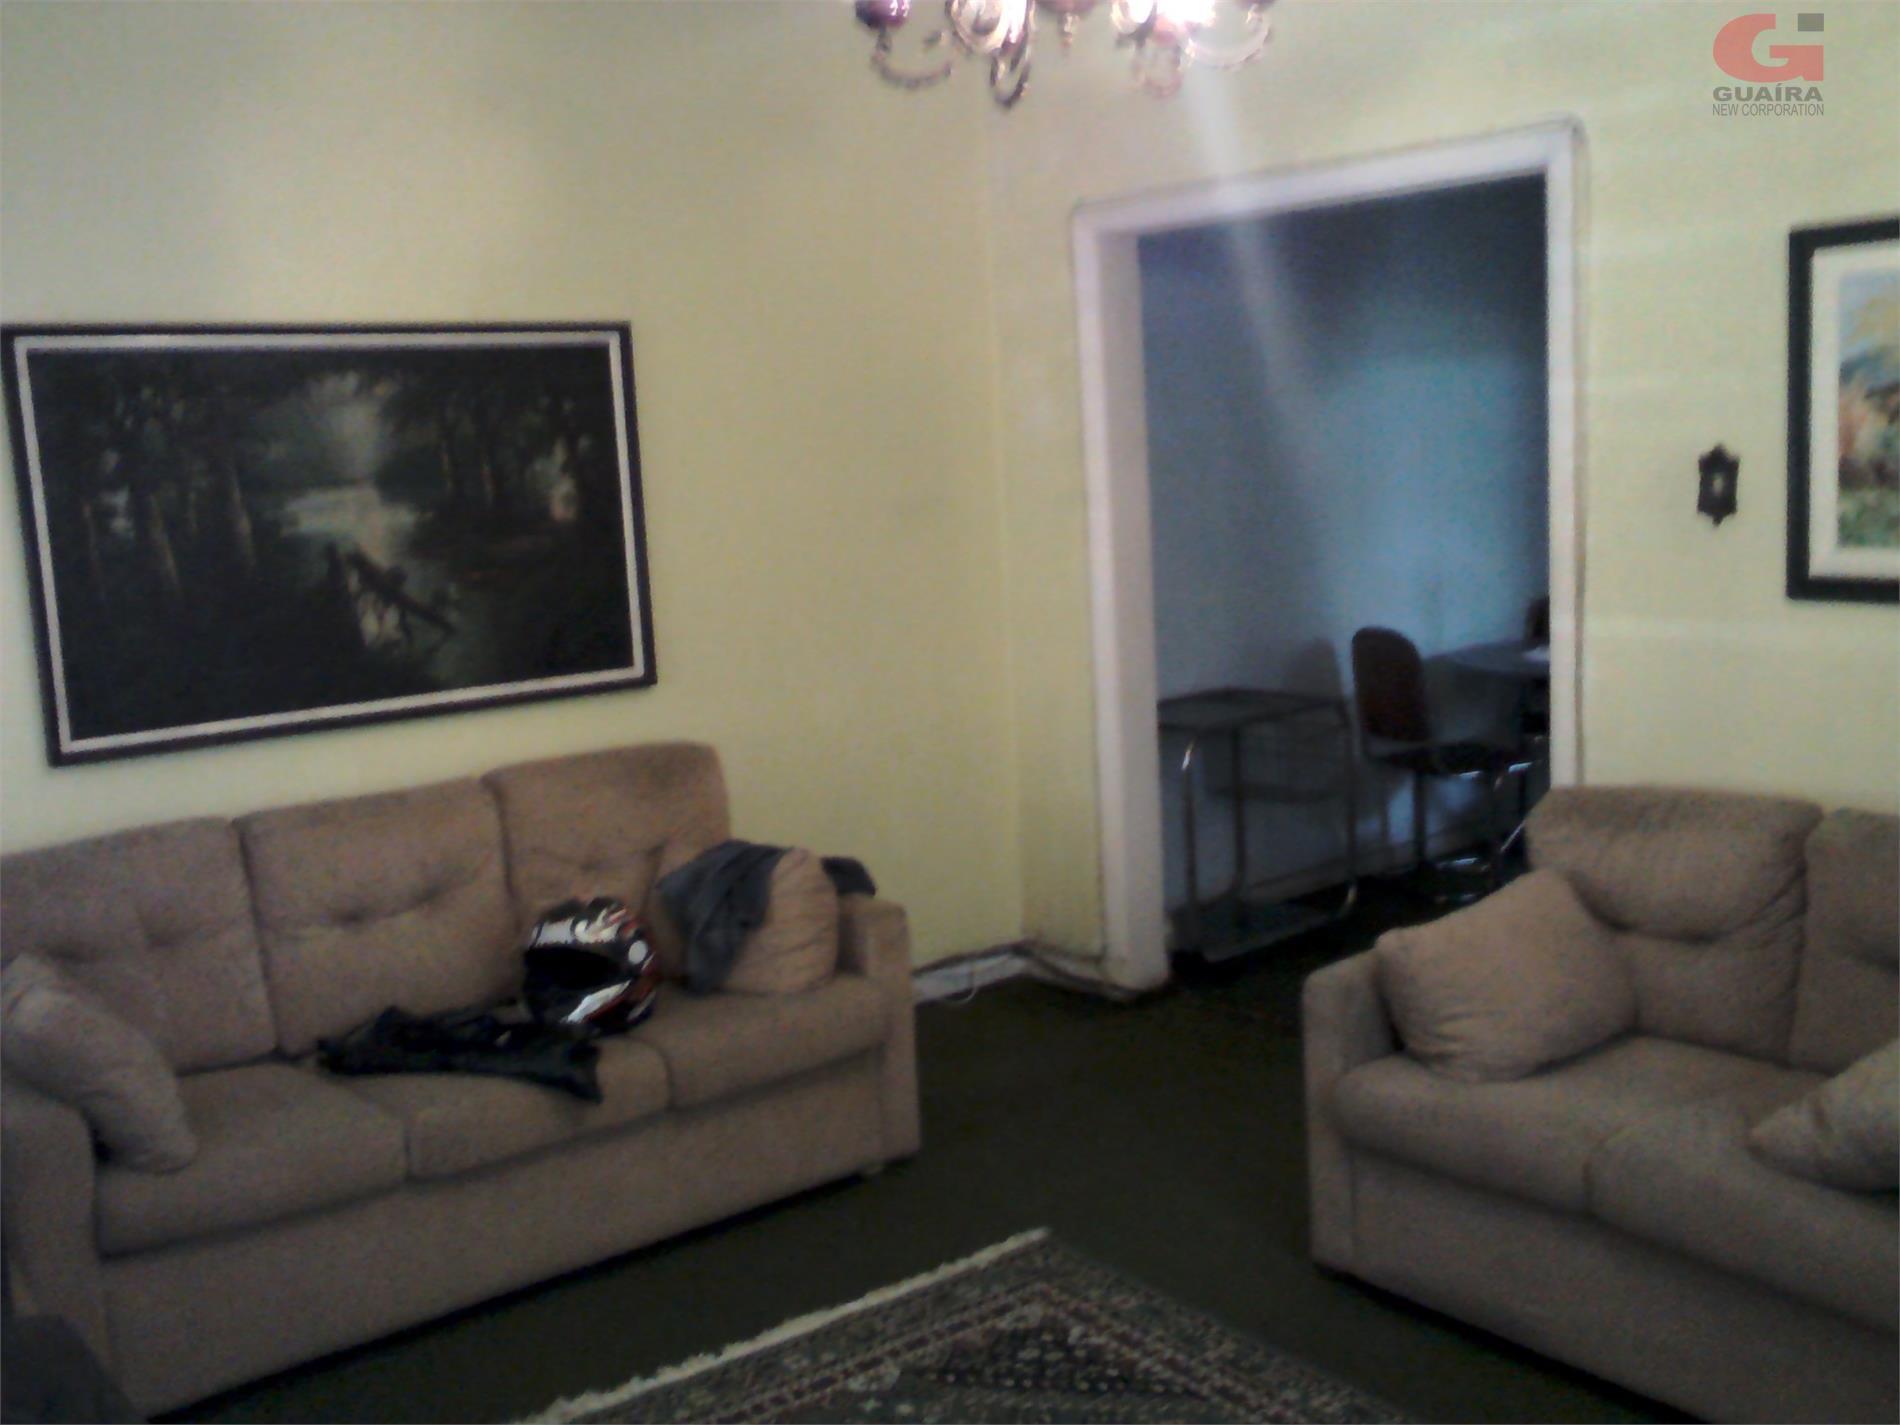 Sobrado de 11 dormitórios à venda em Bairro Jardim, Santo André - SP